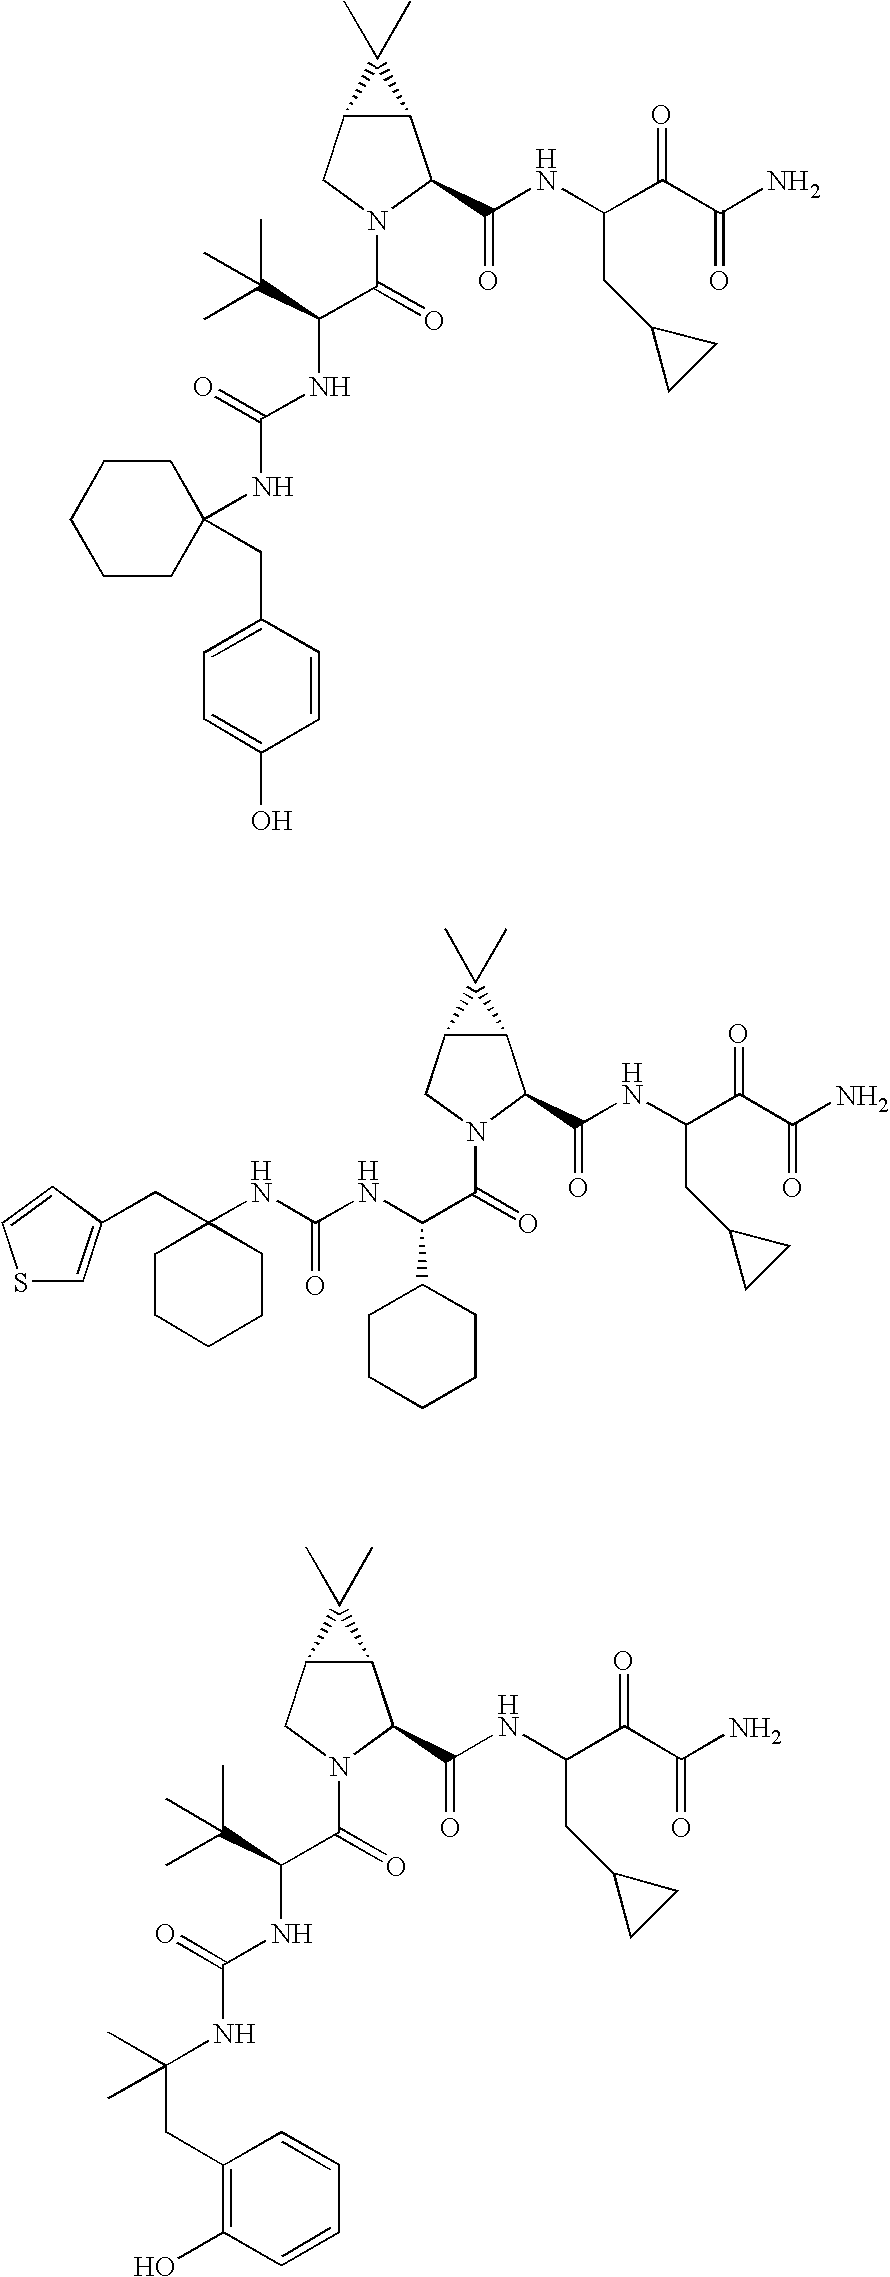 Figure US20060287248A1-20061221-C00336